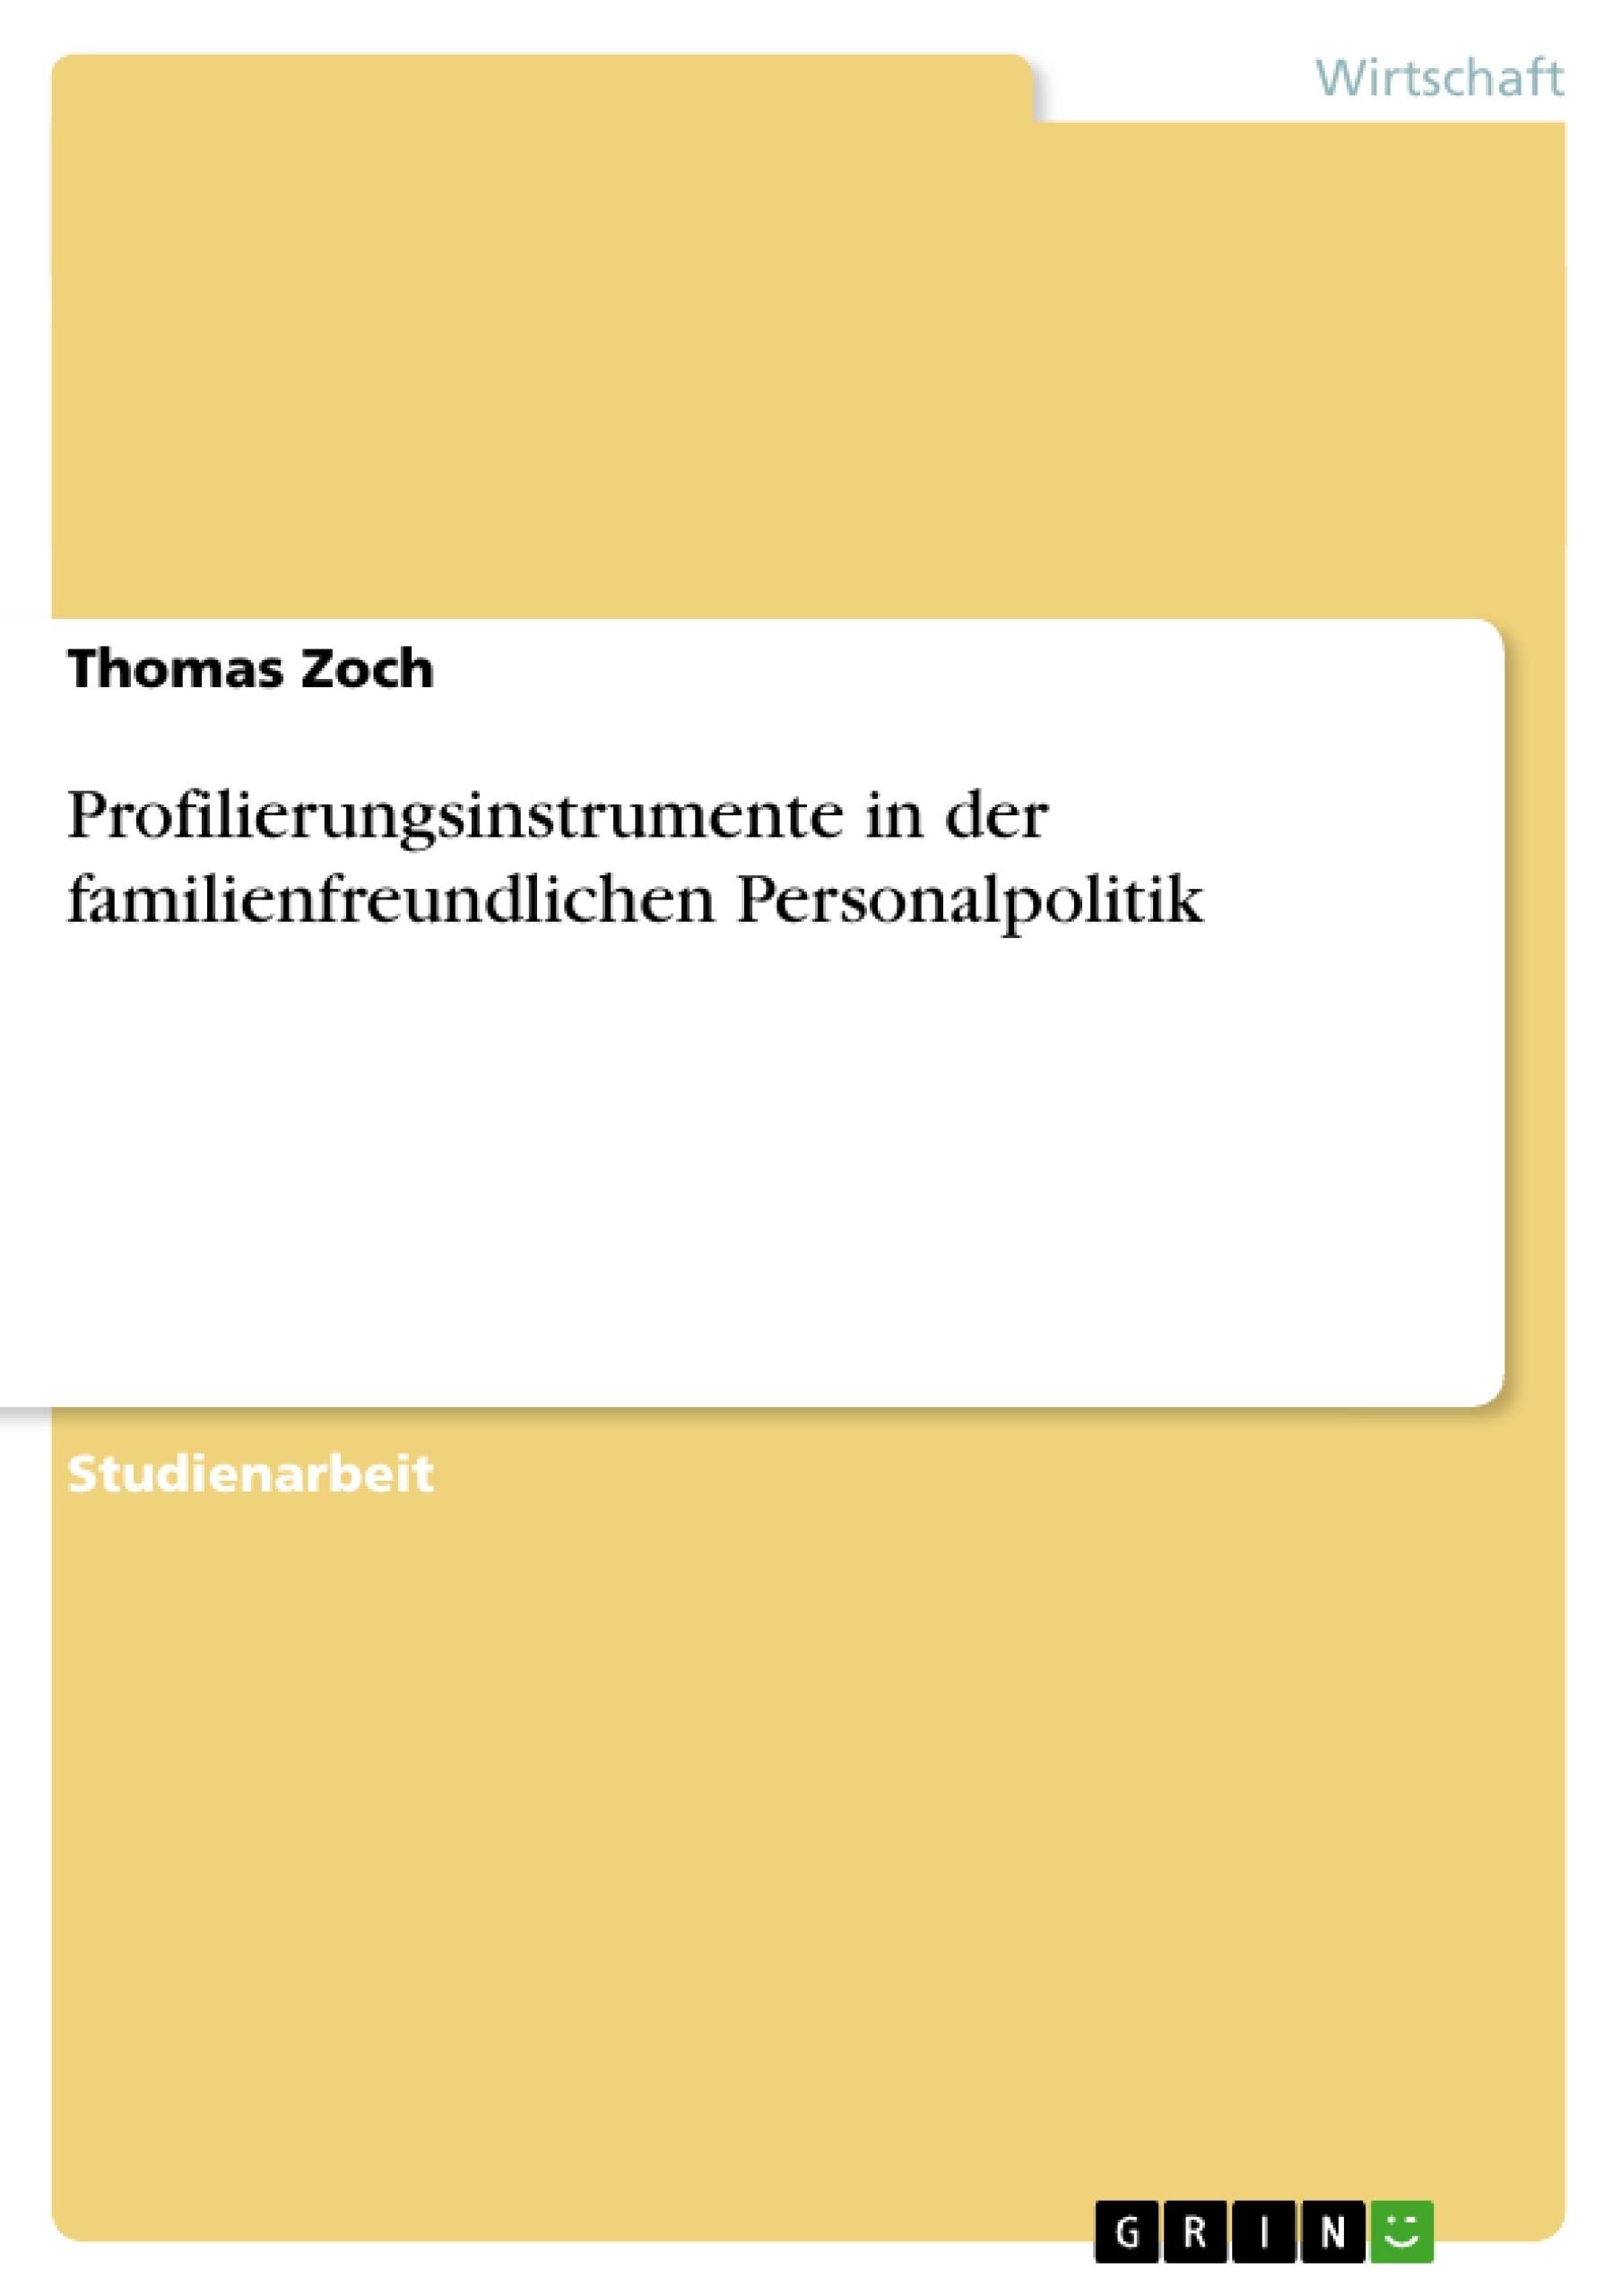 Titel: Profilierungsinstrumente in der familienfreundlichen Personalpolitik